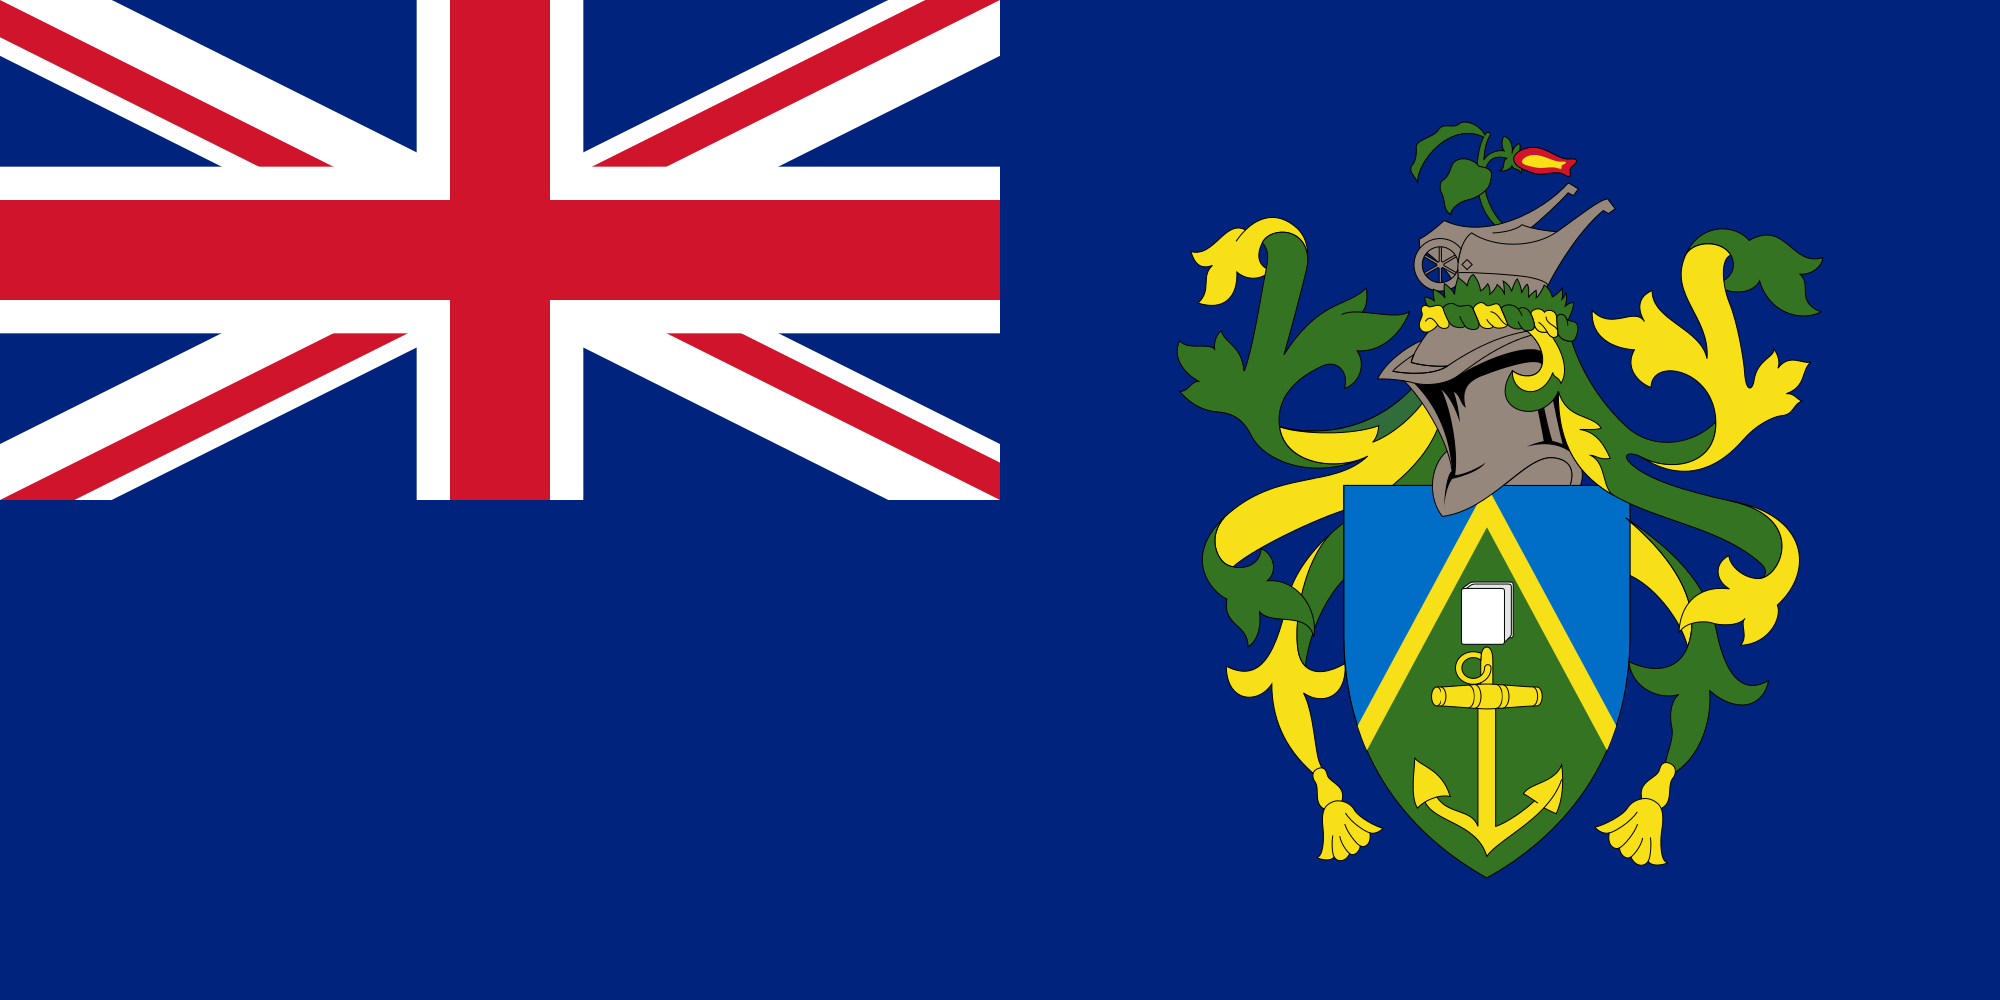 islas pitcairn, 国, エンブレム, ロゴ, シンボル - HD の壁紙 - 教授-falken.com